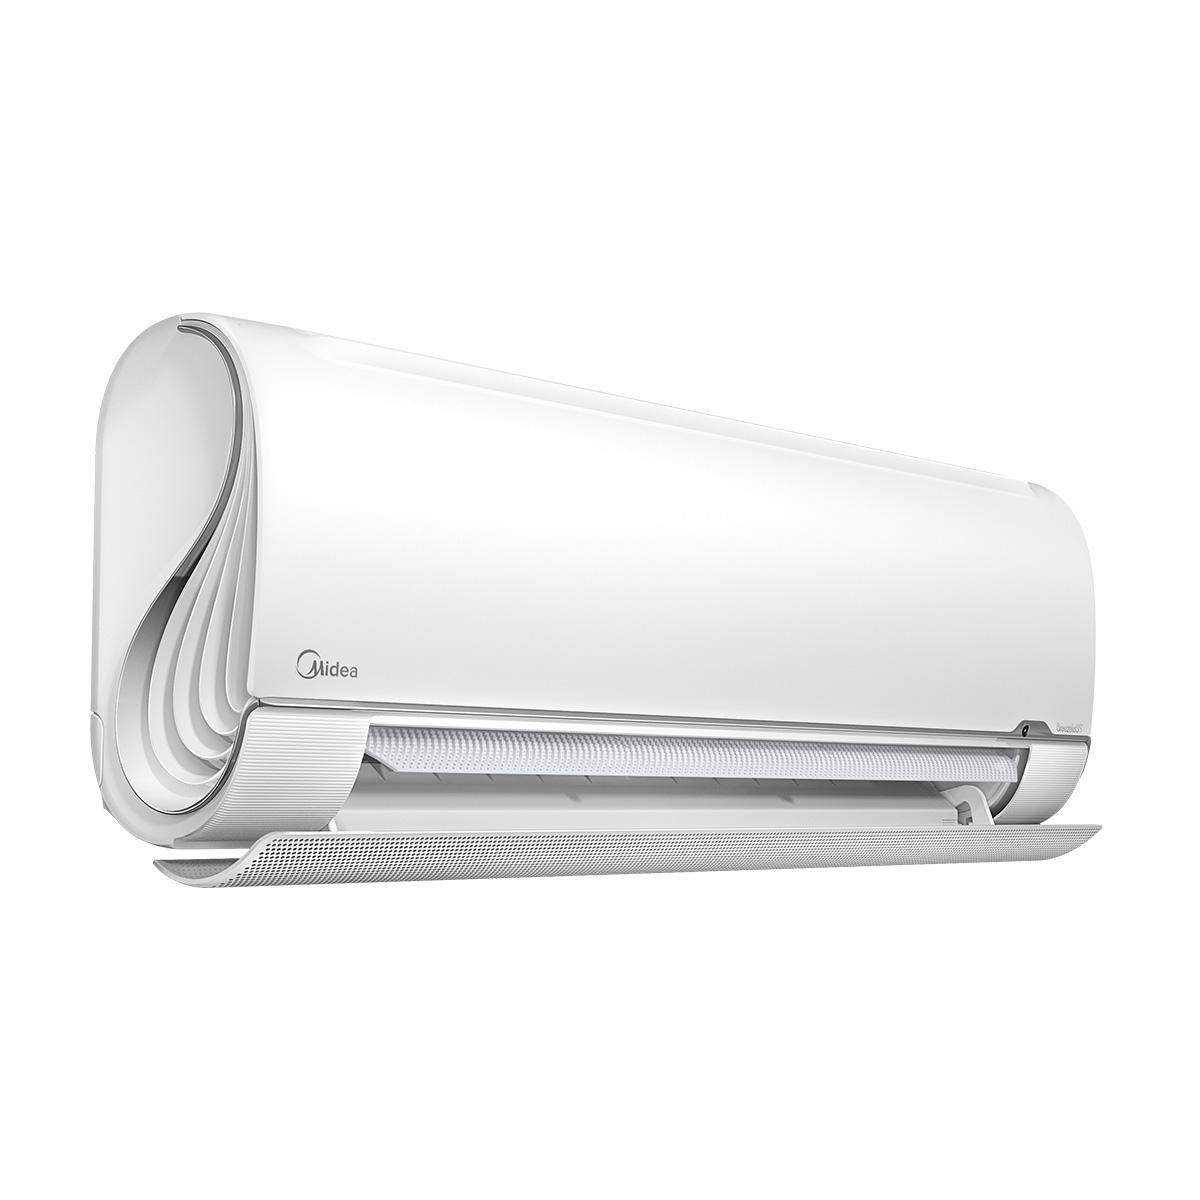 Diffusori Lineari Aria Condizionata climatizzatore breezeless+ - midea italia elettrodomestici